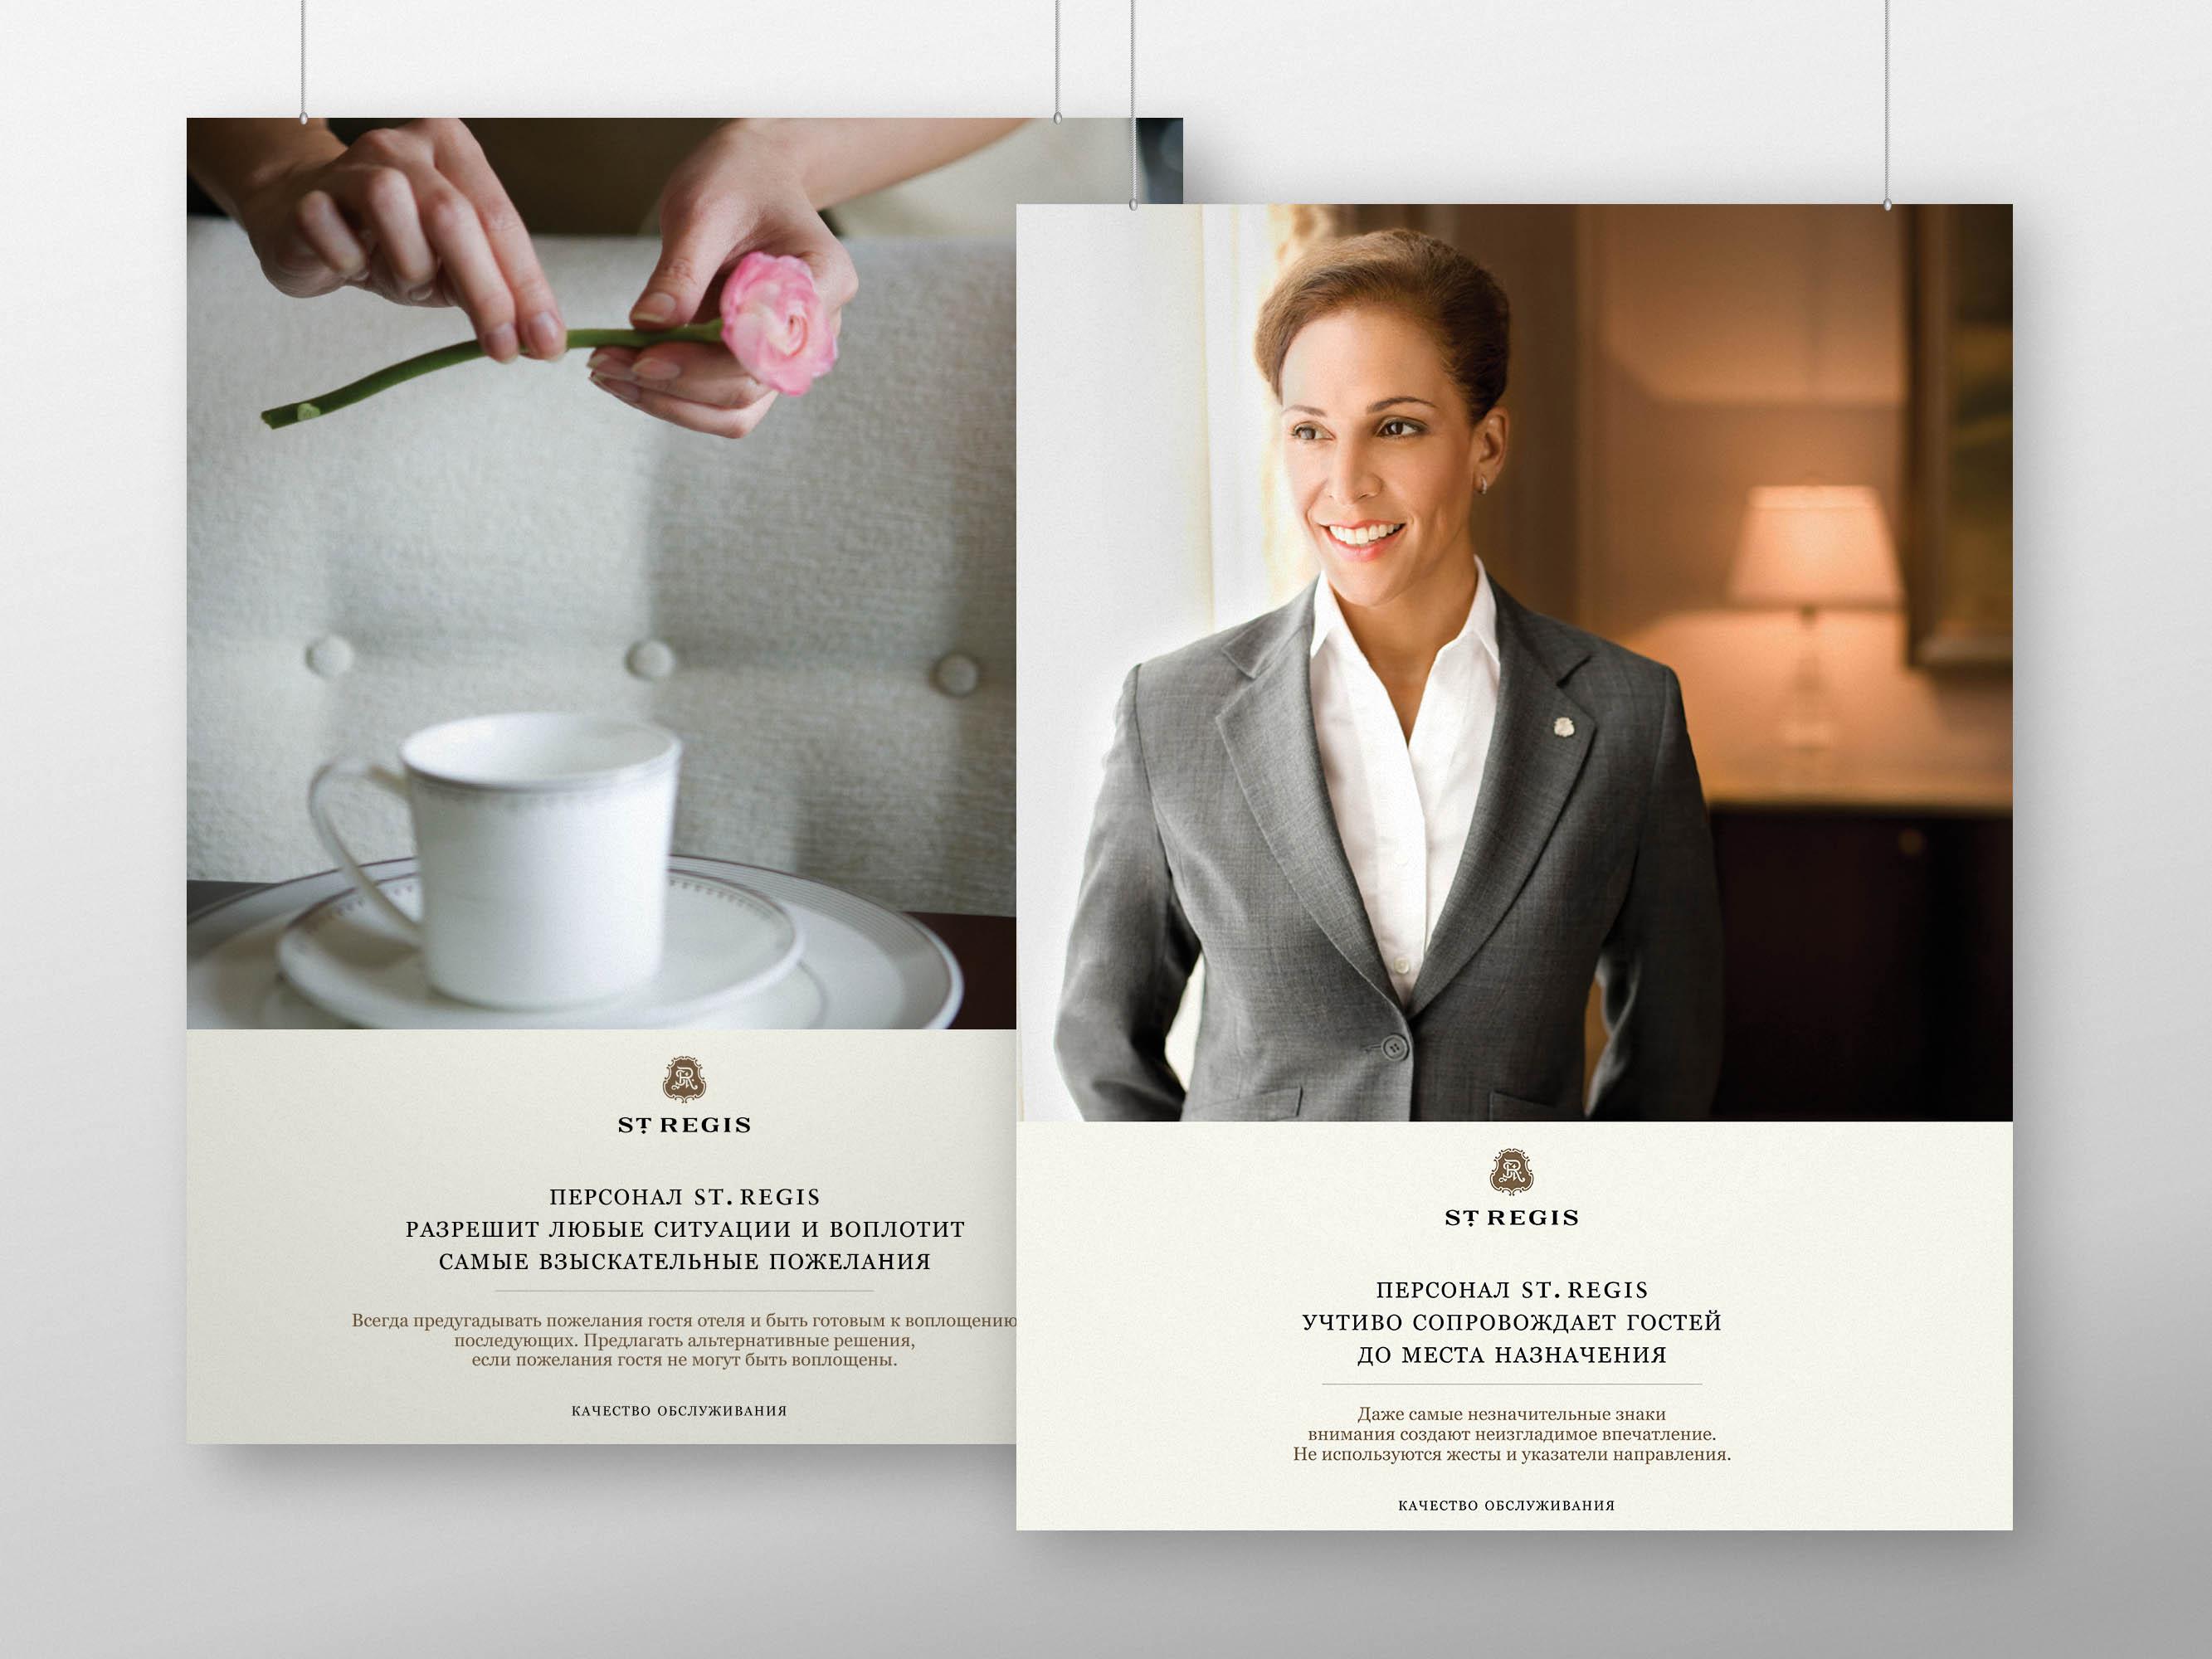 Услуги по организации и проведению мероприятия - Открытие отеля St.Regis Москва